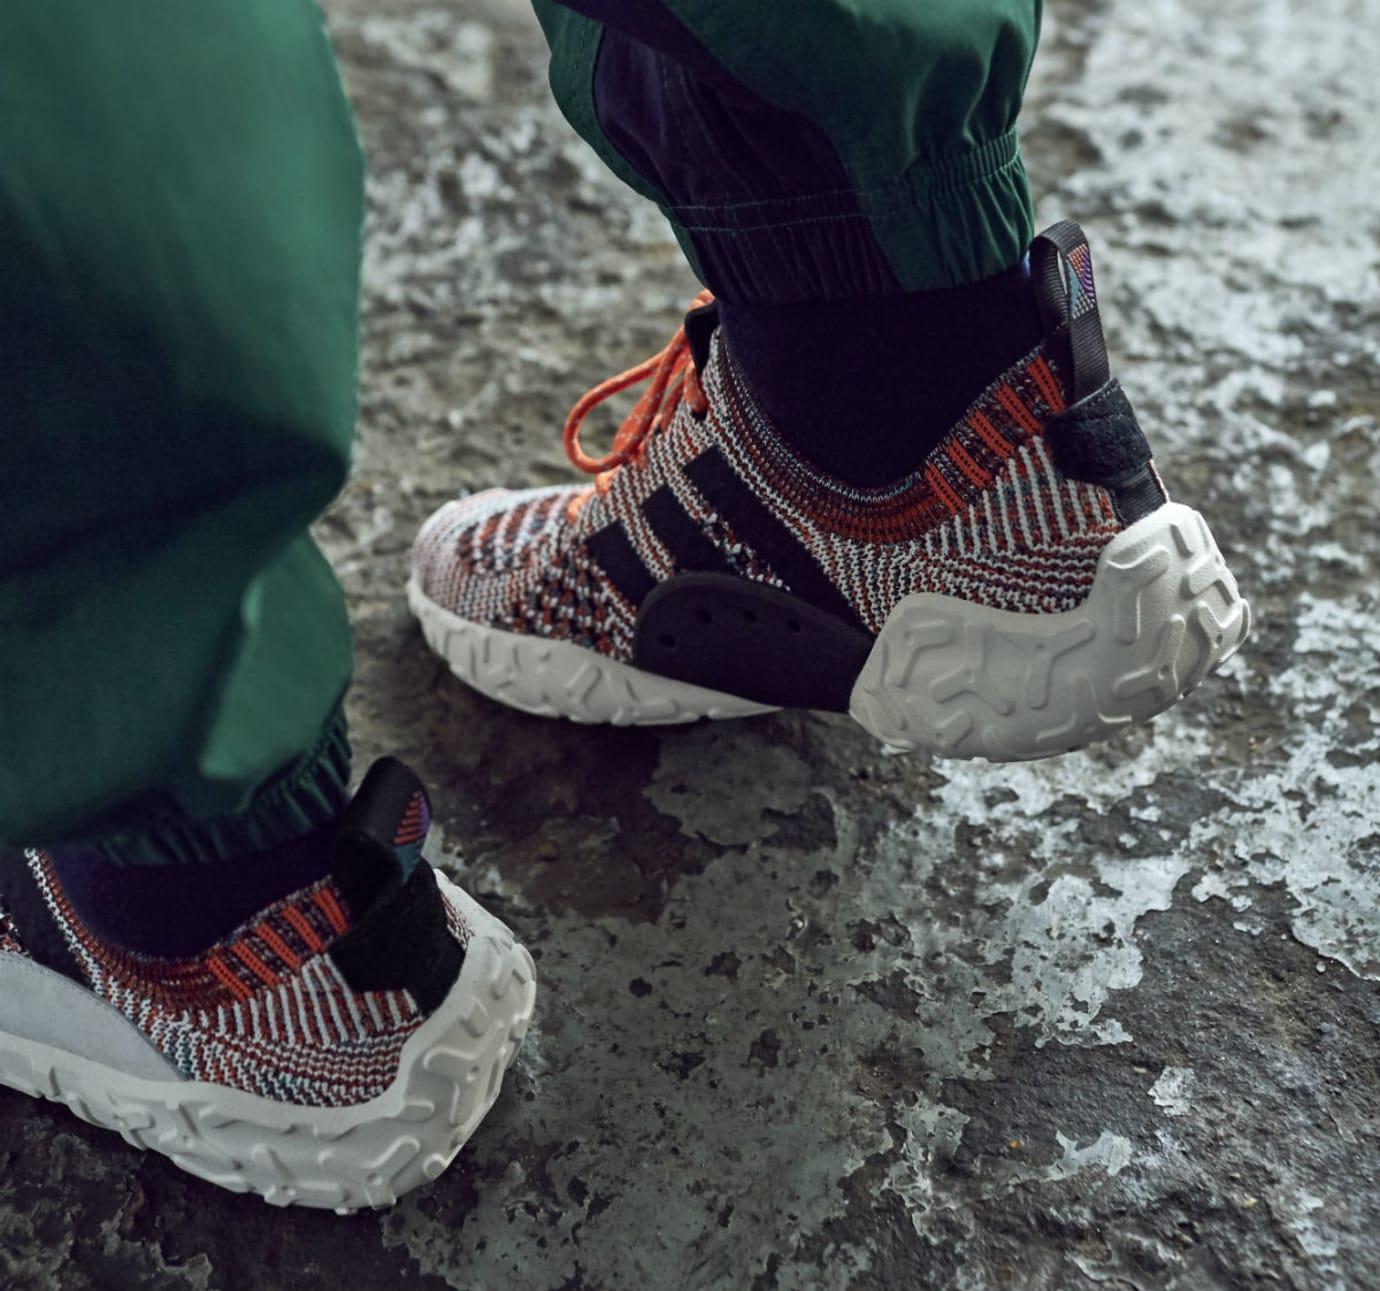 práctico Ninguna Anual  Adidas Atric F/22 Primeknit Trace Orange Release Date CQ3026 | Sole  Collector